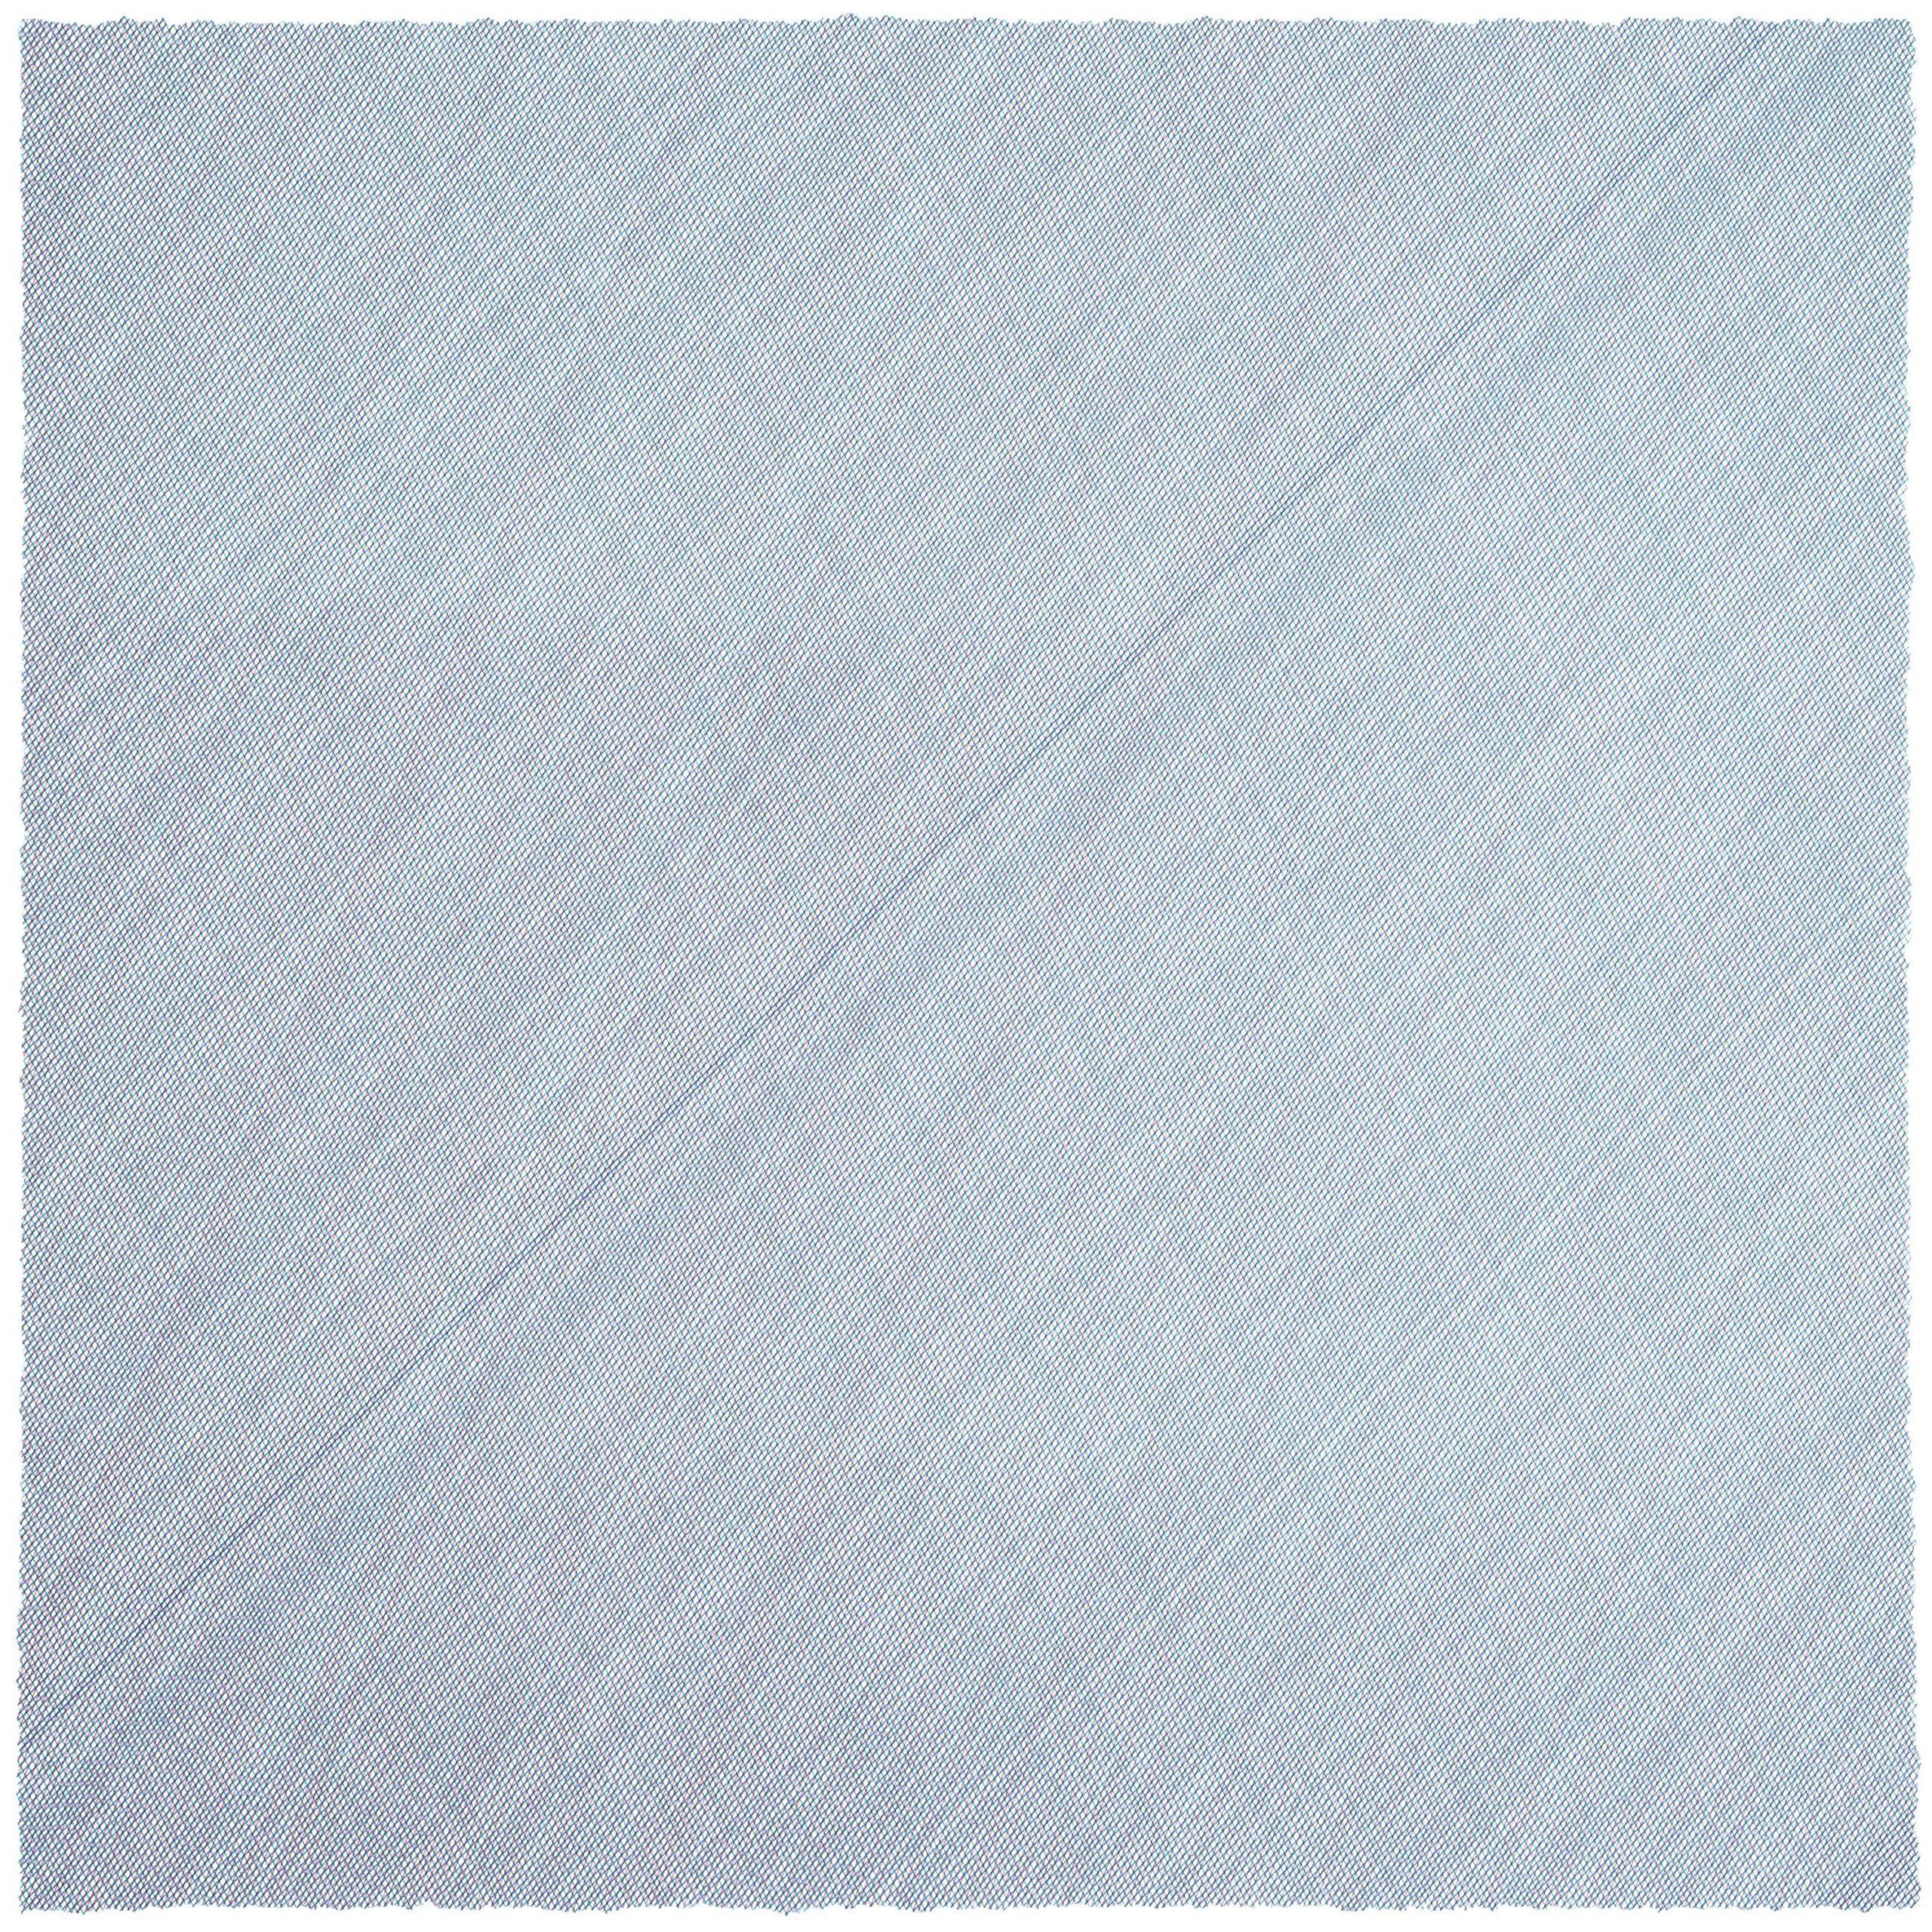 Casey Reas, RGB-2-69°-117°-45°, Plotterzeichnung, Tinte auf Papier, 45,7 x 45,7 cm, 2020